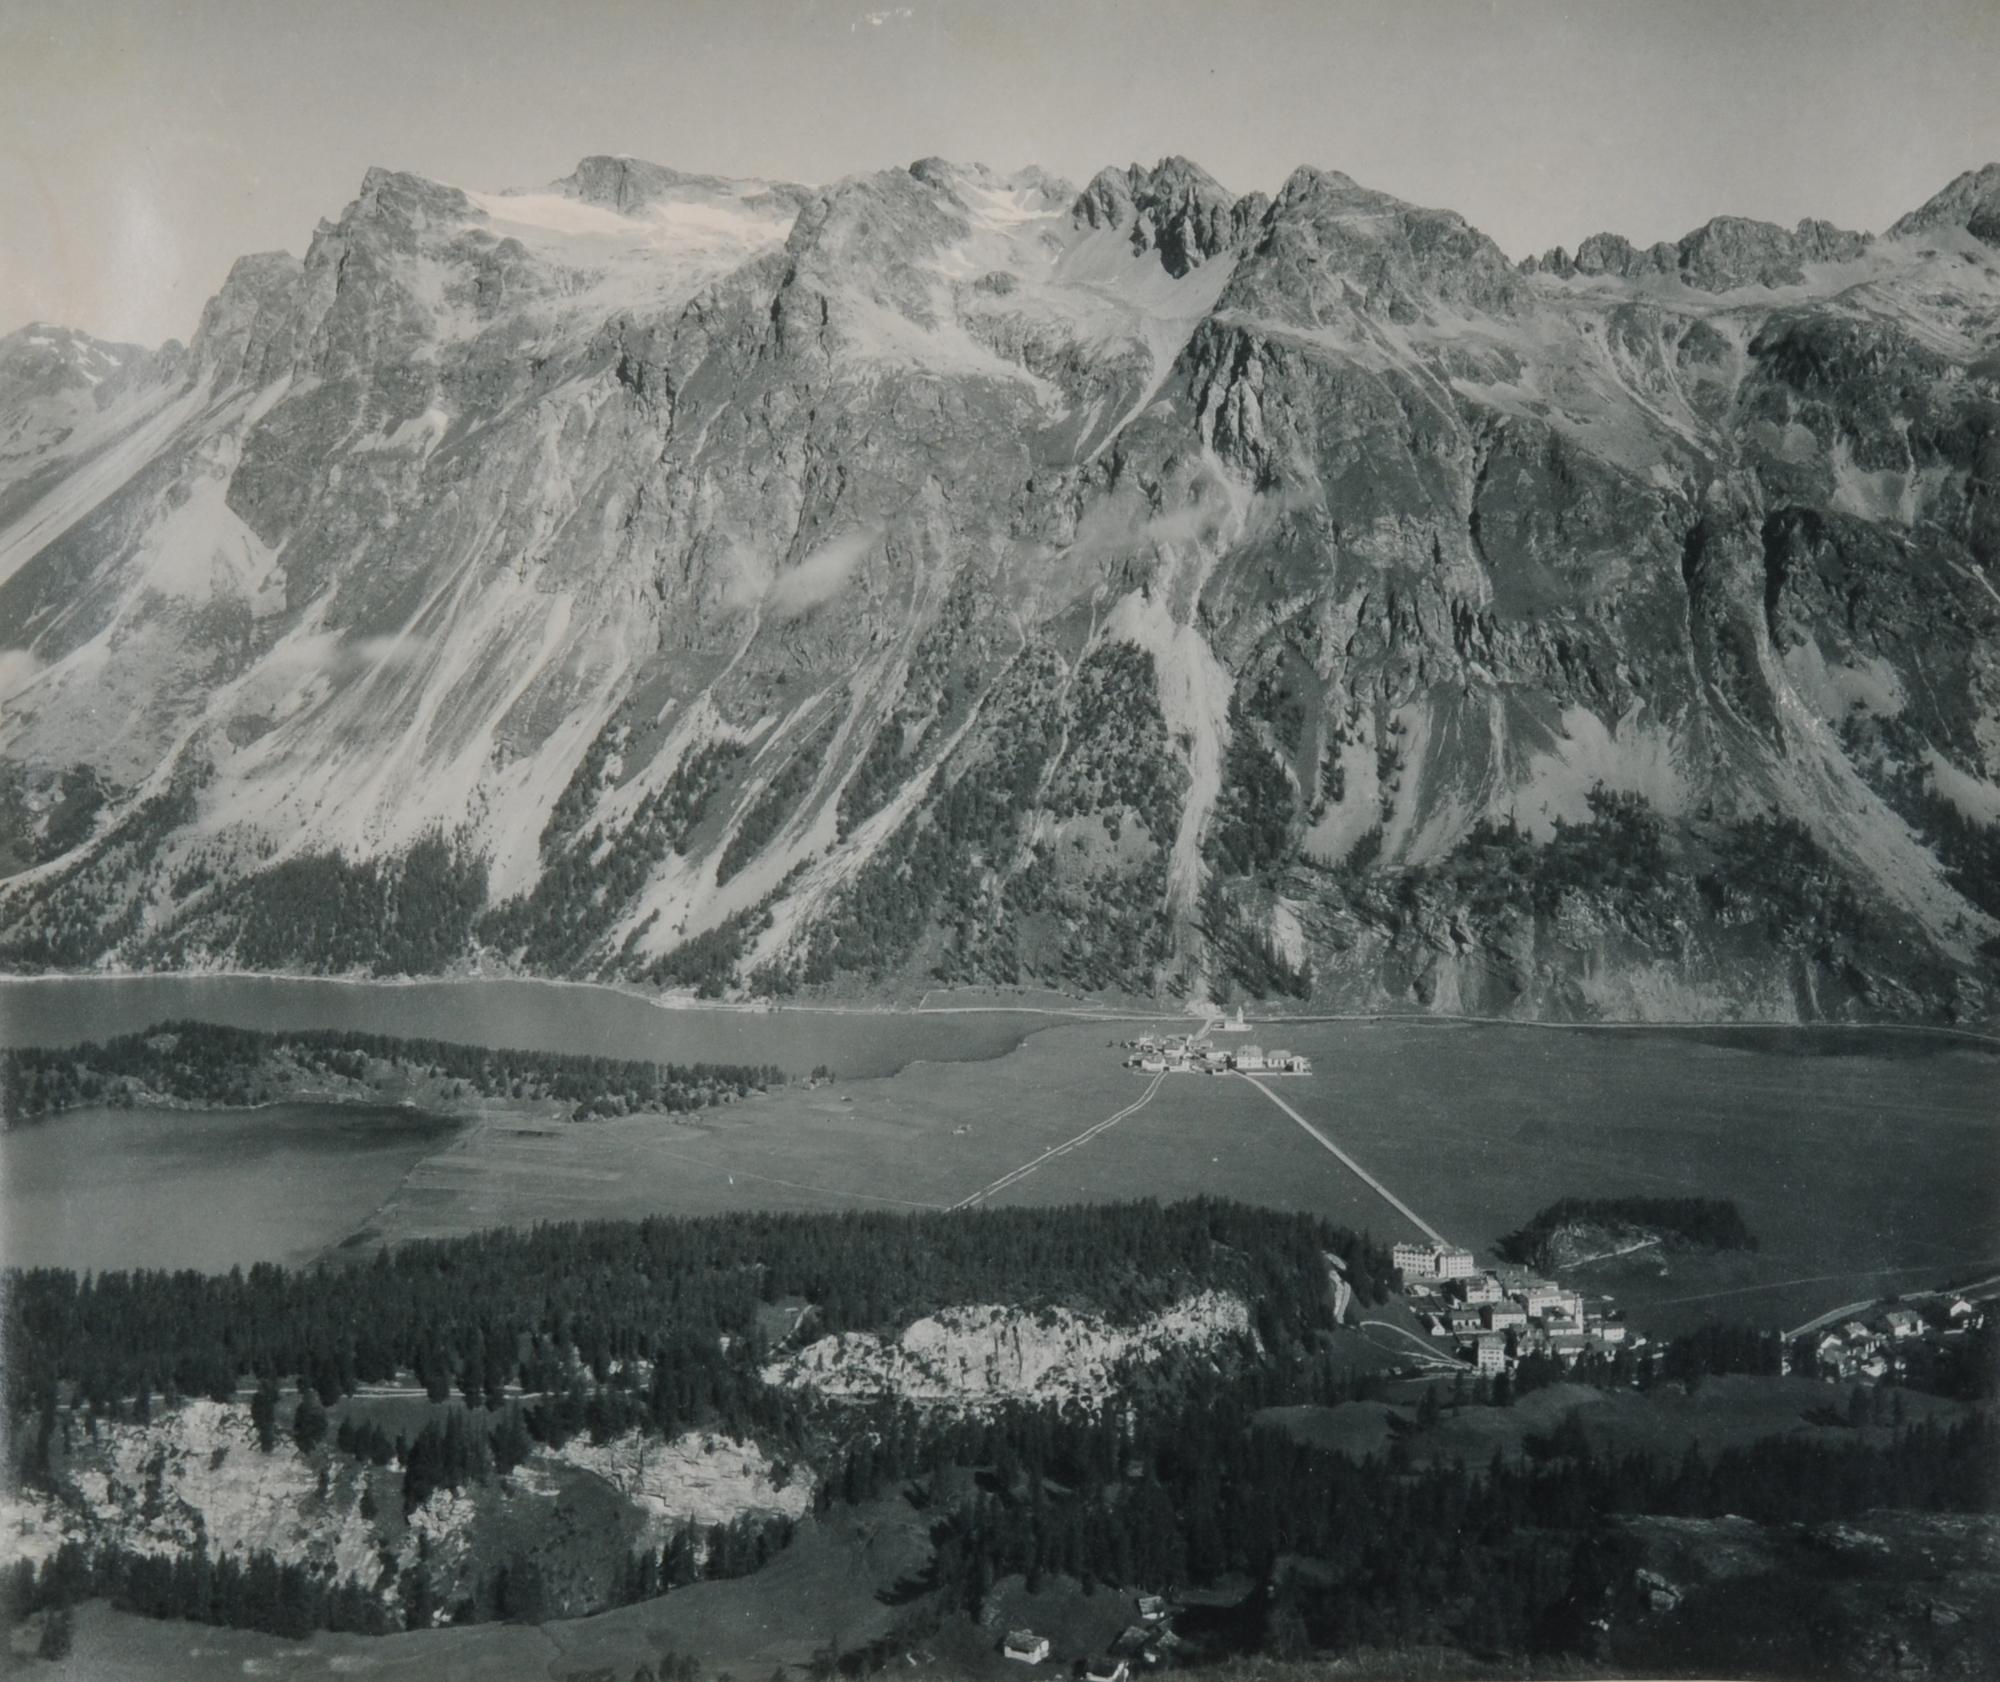 Braun Adolphe, 3 Fotografien: Blick auf Piz Lagrev; Blick von Muottas Muragl auf Celerina und St. Moritz; Silvaplana